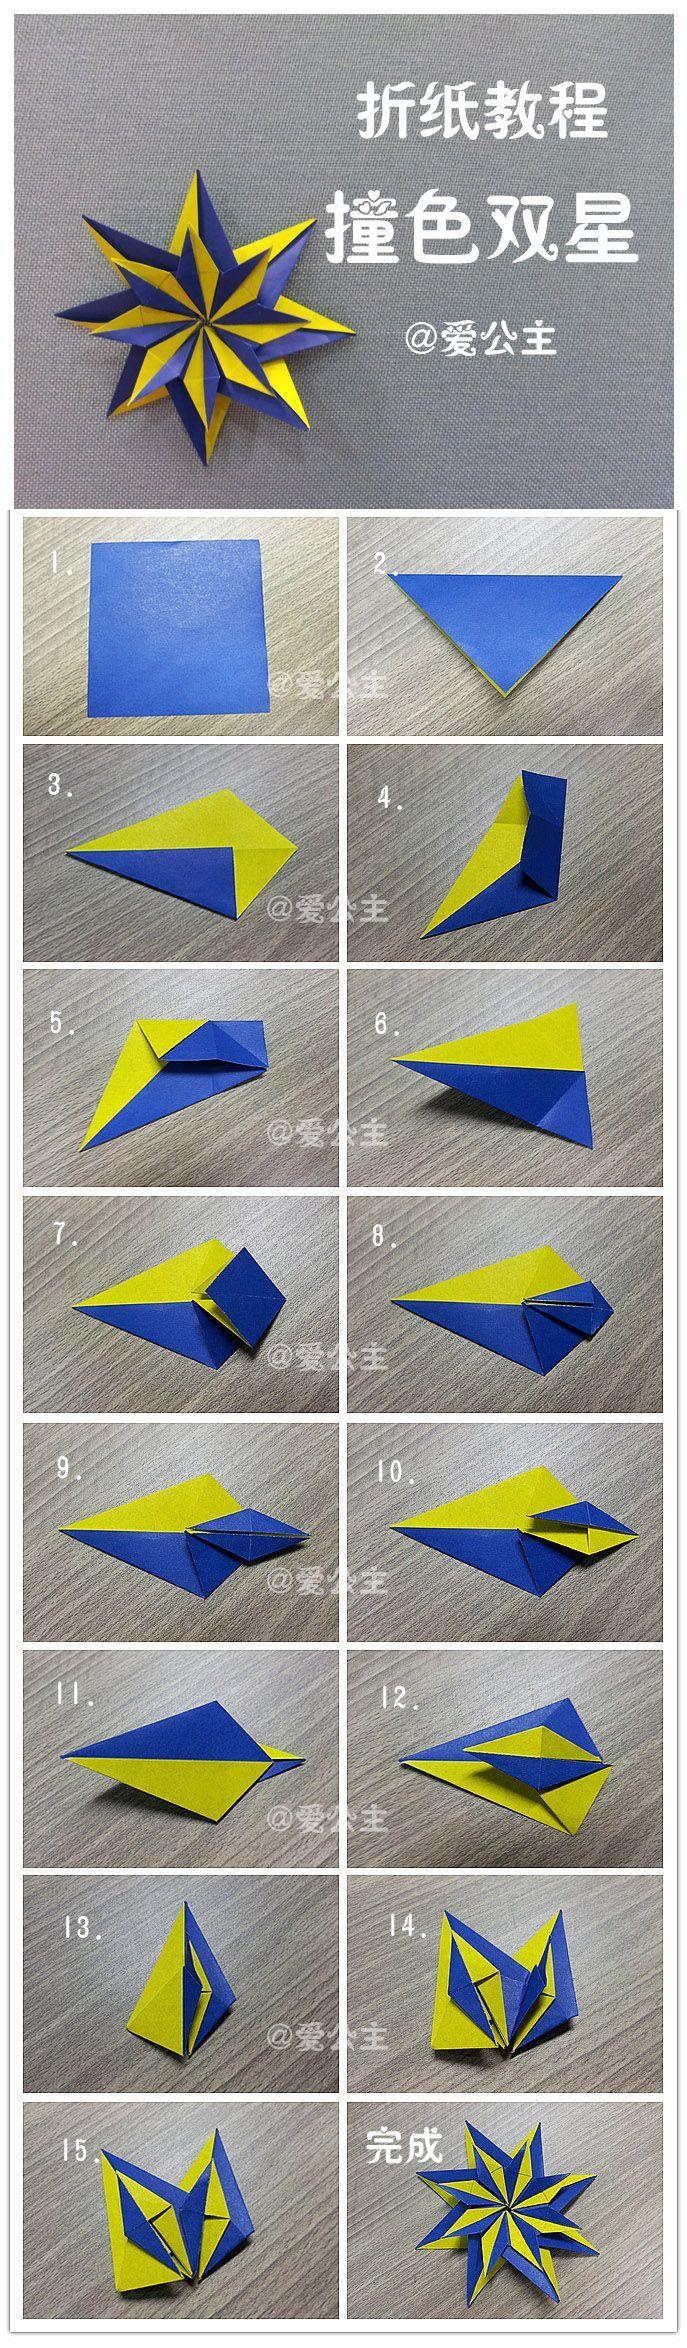 59c4f37dc512dc382c1e59e039b506a7g 6872348 Pixel Origami